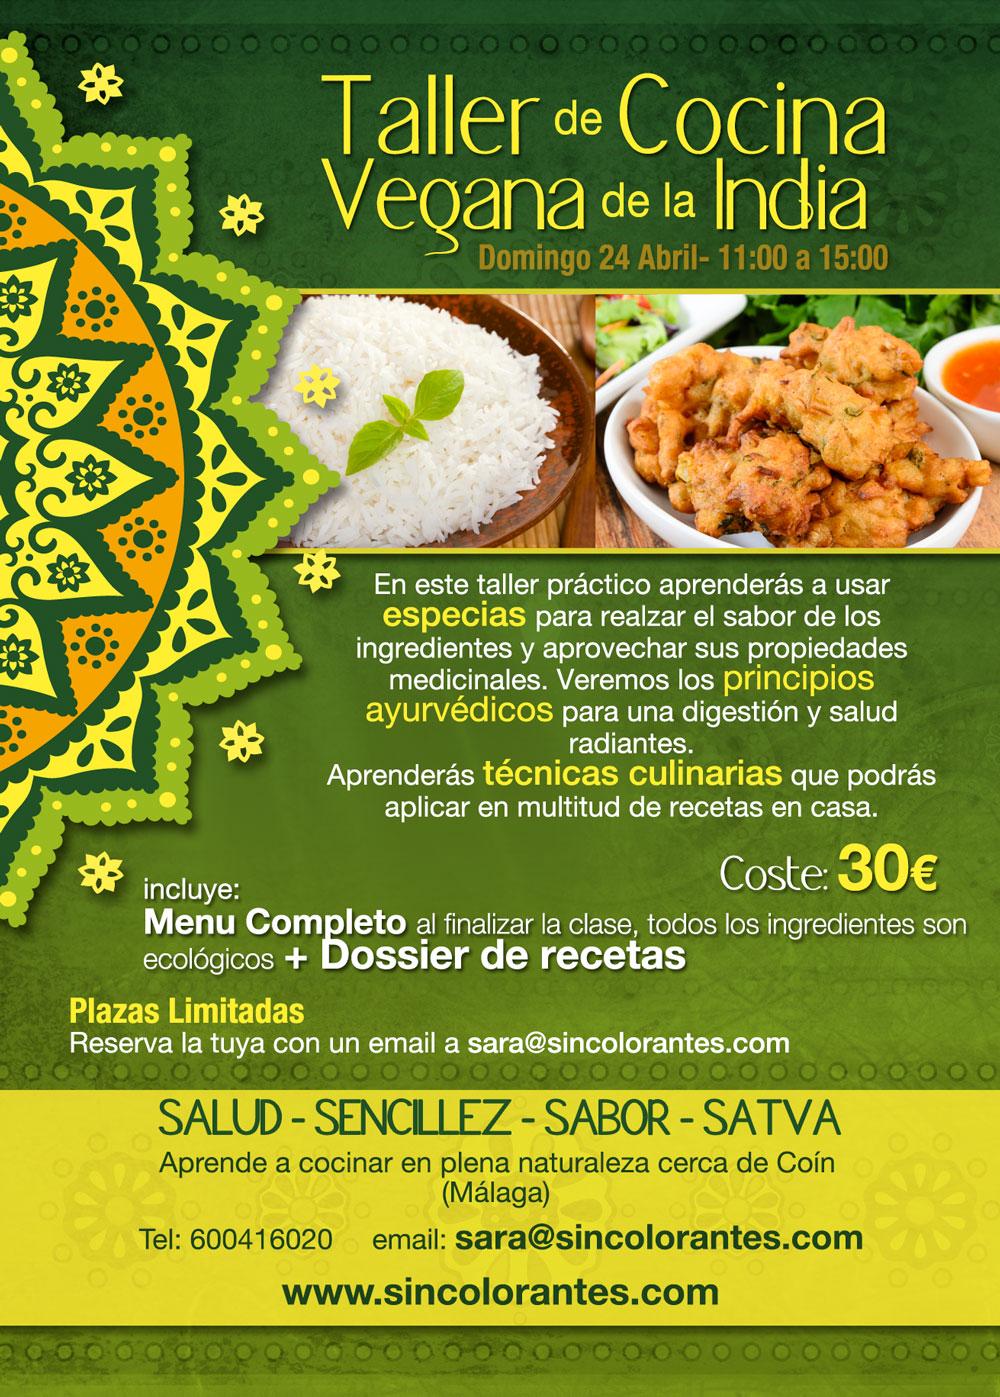 taller cocina india, taller vegano, taller cocina vegana. taller cocina india vegana, taller cocina ayurveda, taller cocina malaga